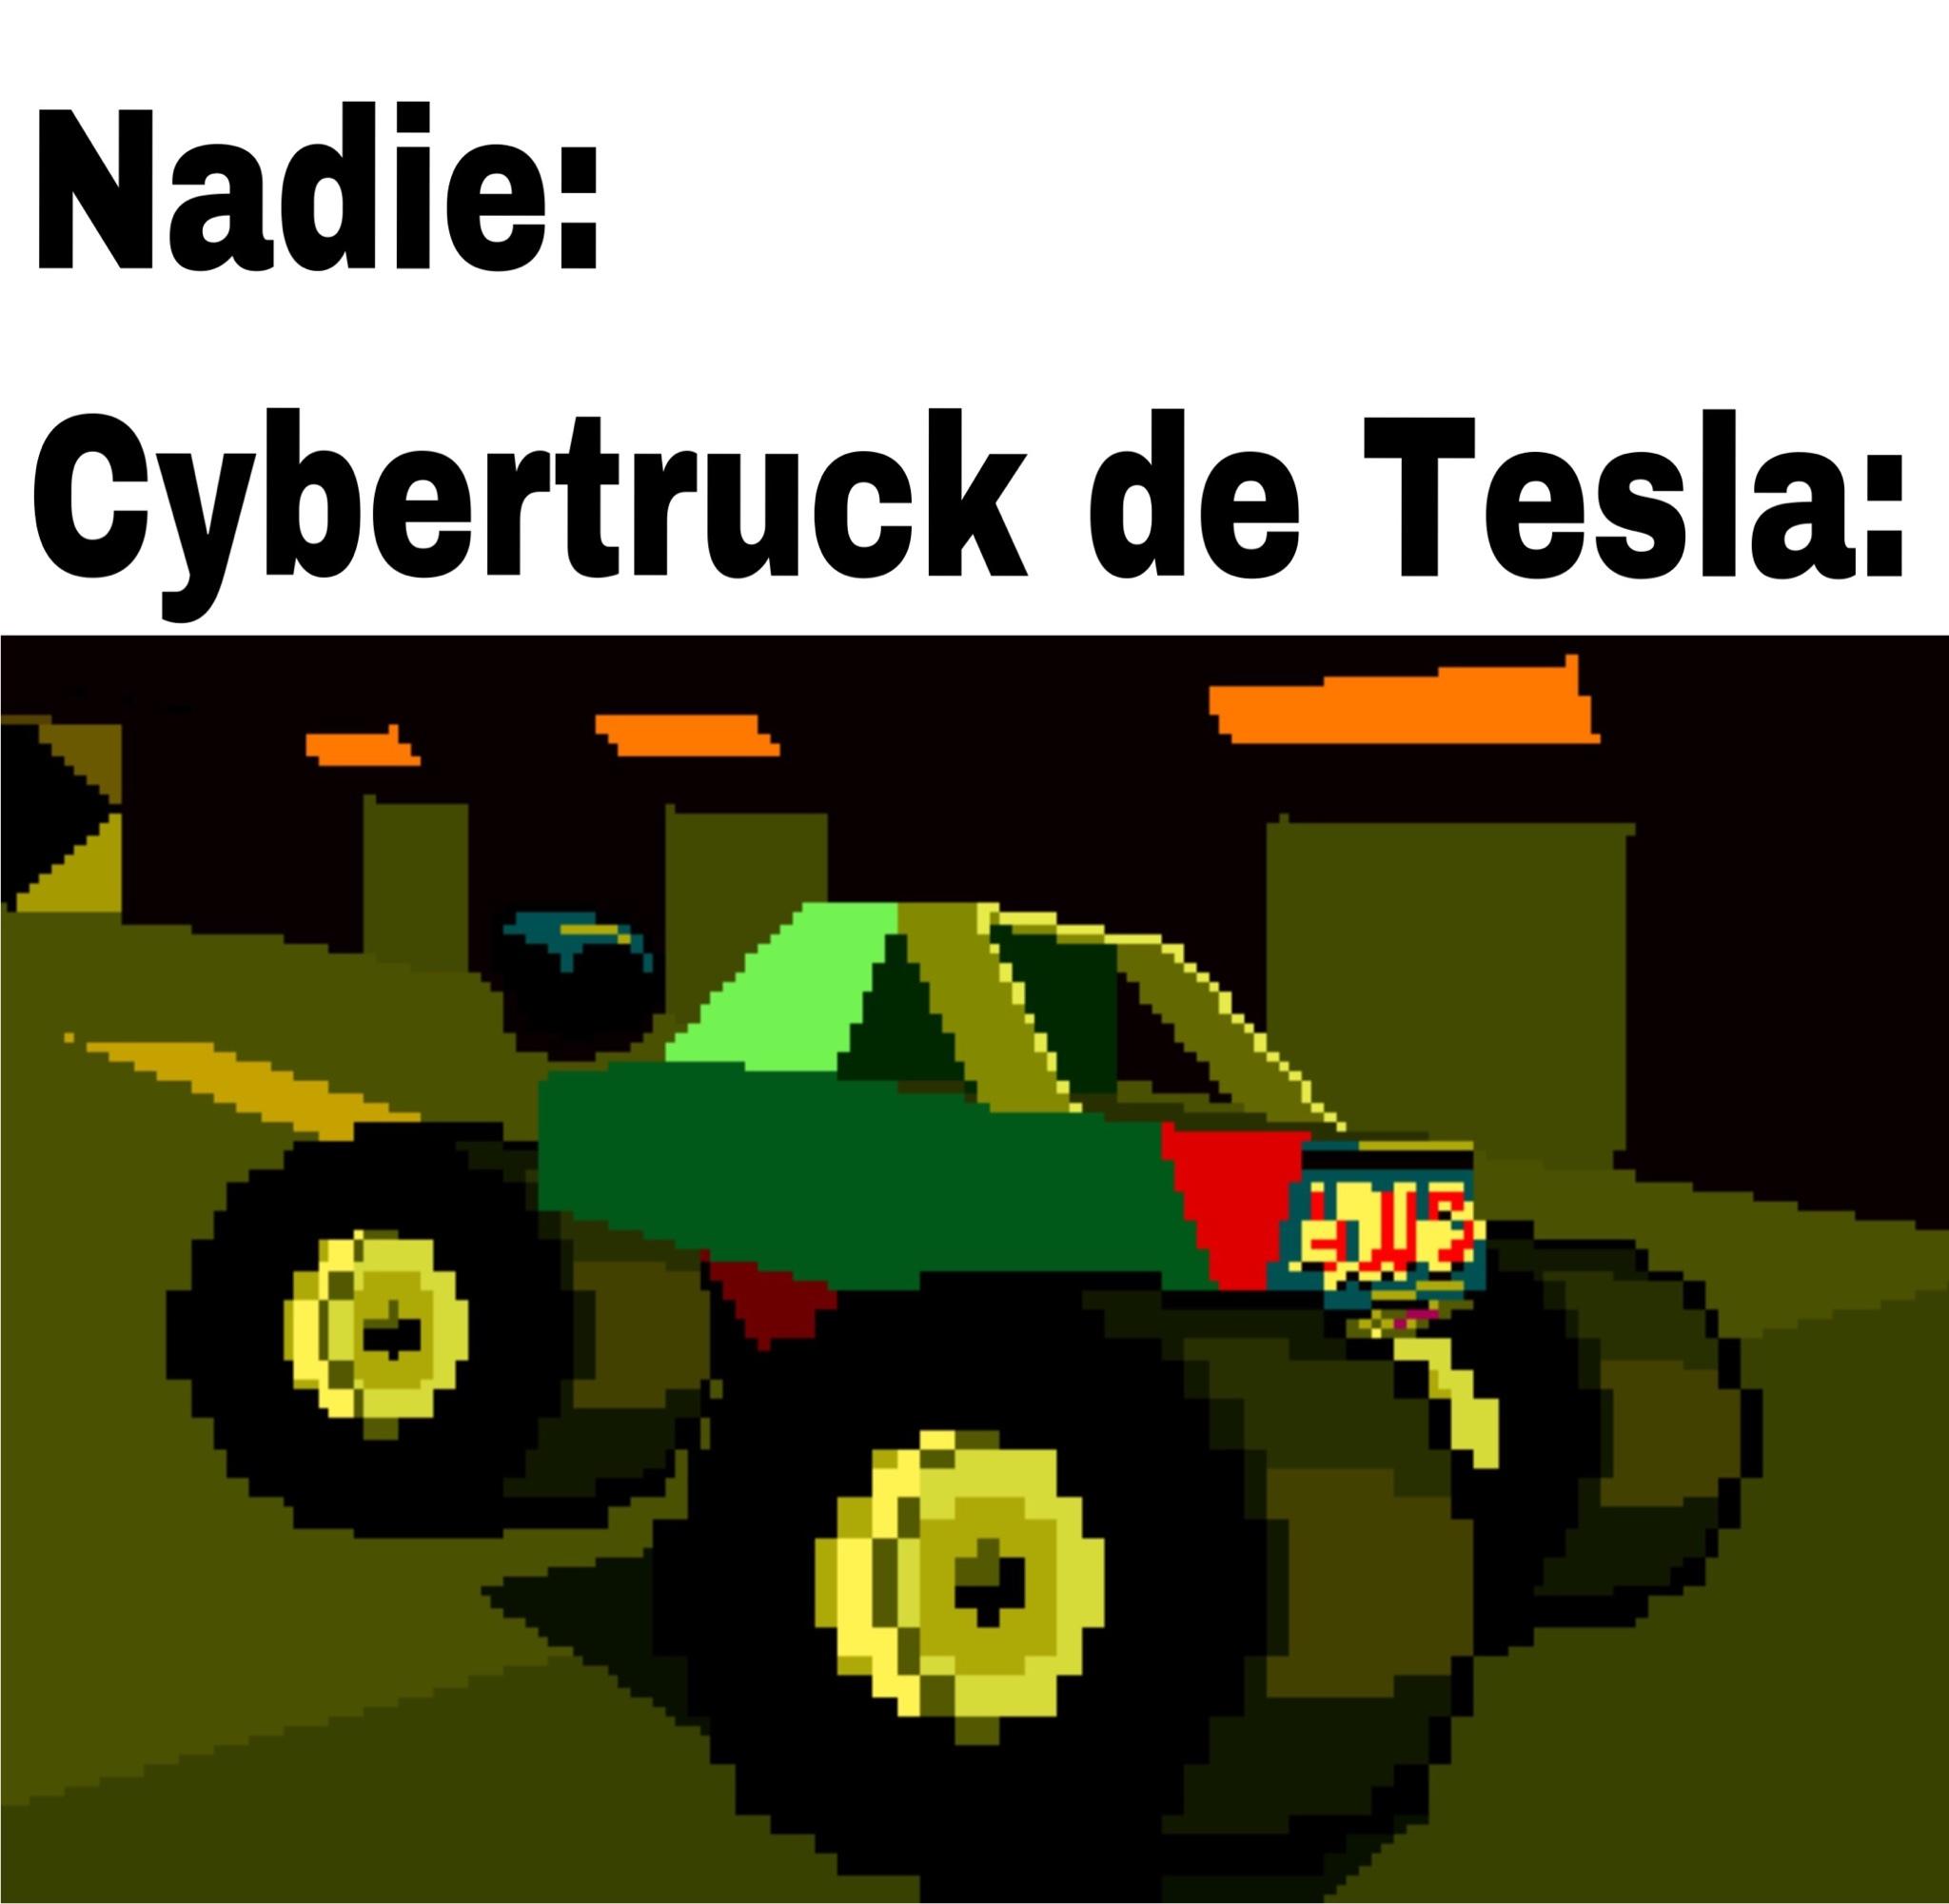 Cybertruck - meme